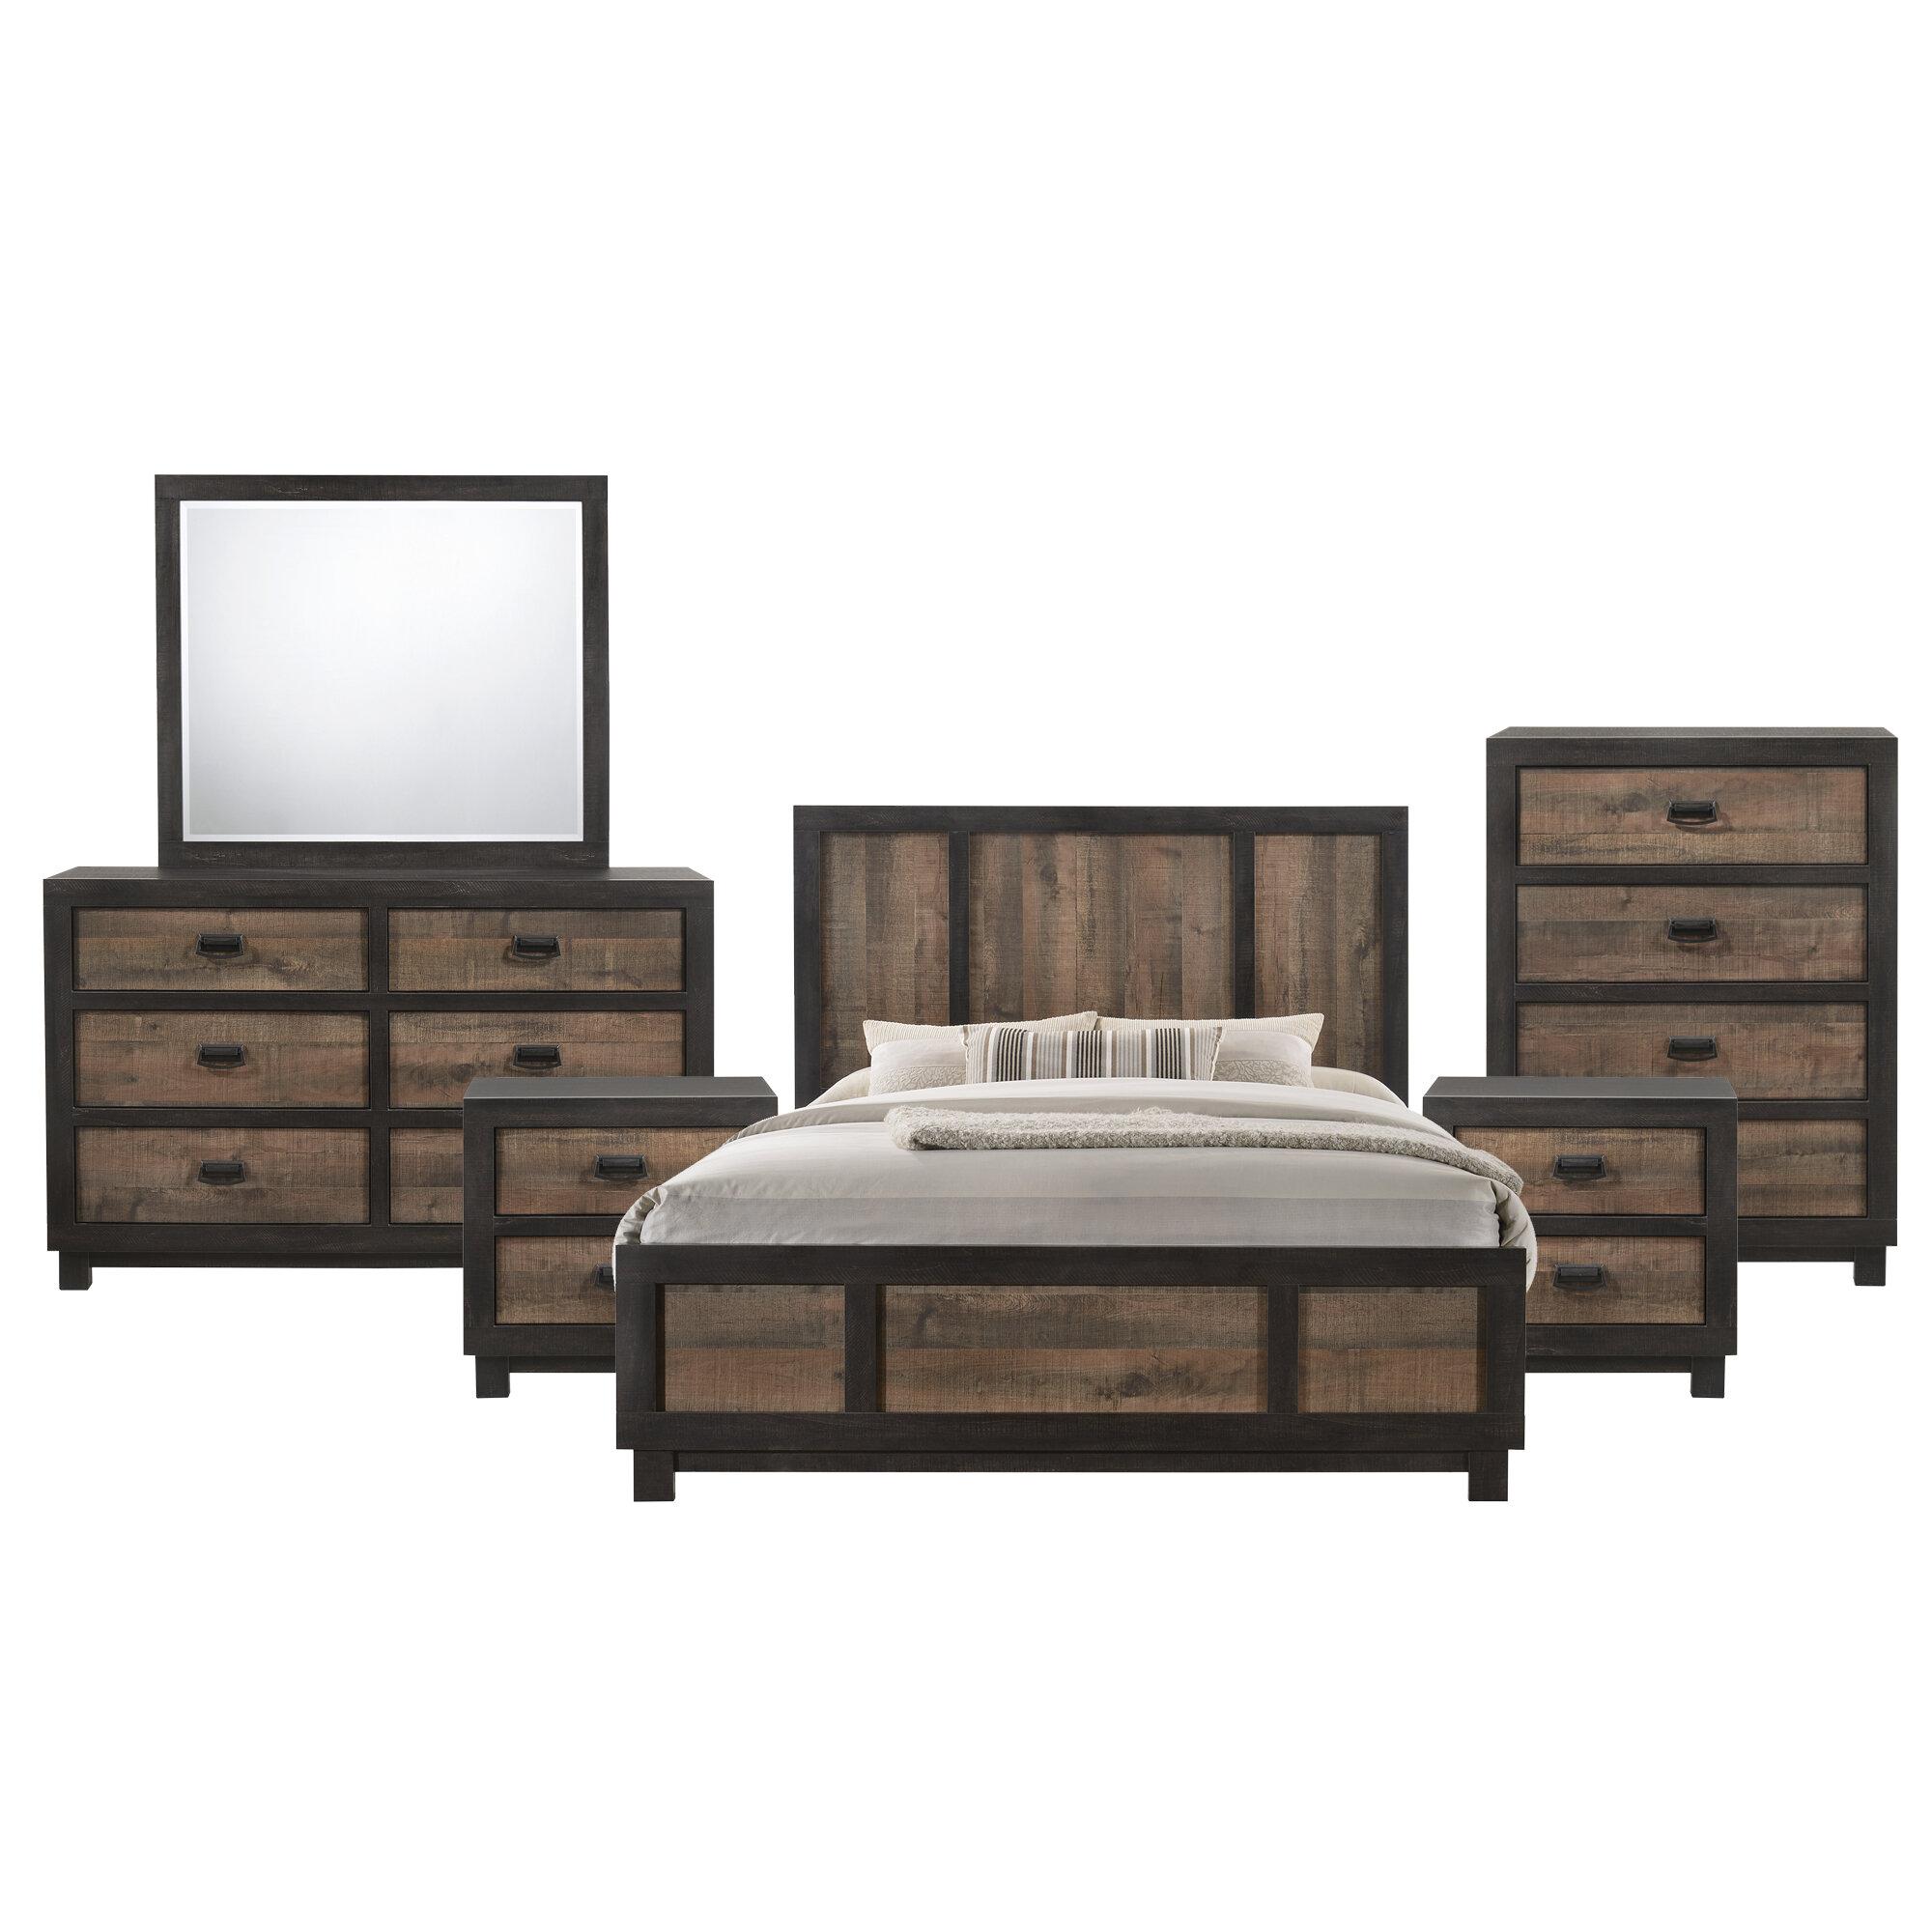 Gracie Oaks Llewellyn Standard 6 Piece Bedroom Set Reviews Wayfair